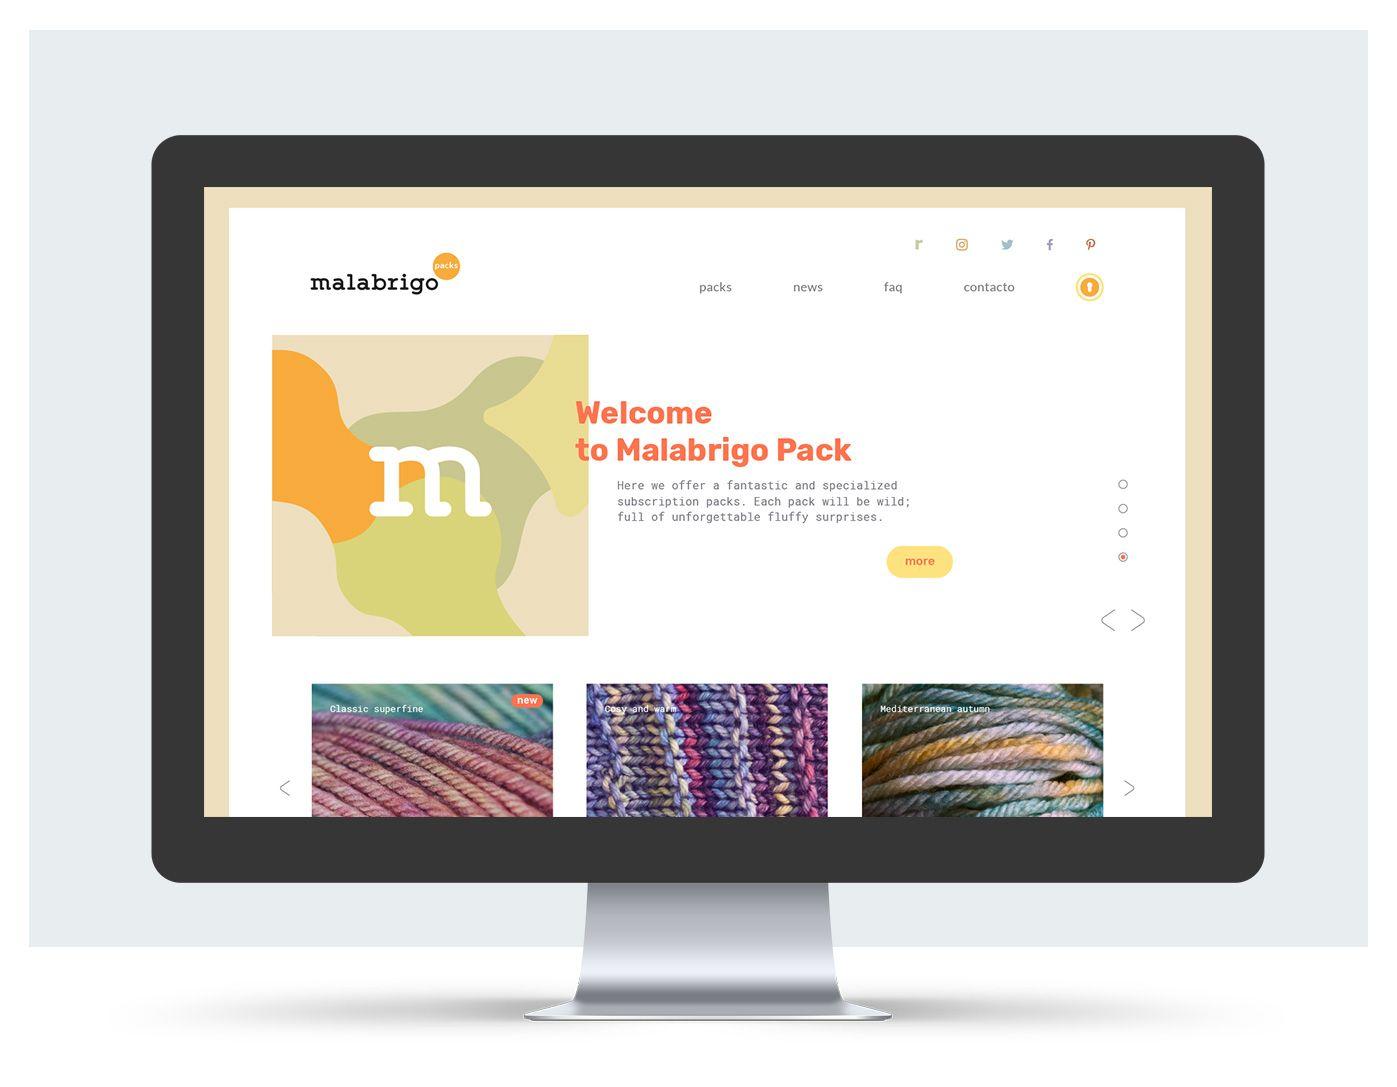 malabrigo-desktop